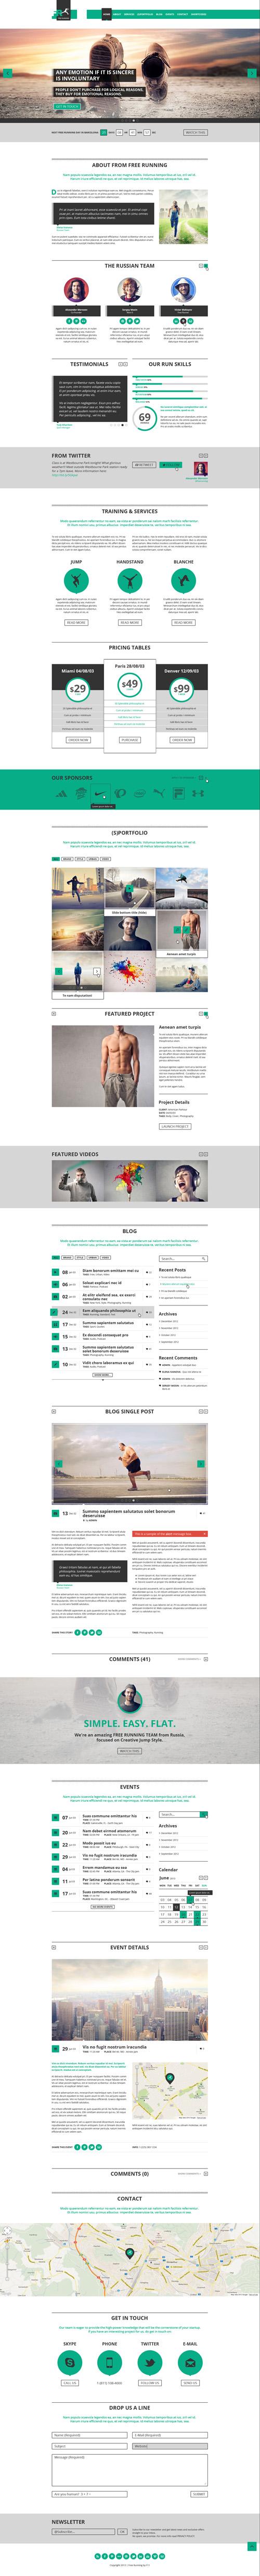 Business Website PSD Templates-24